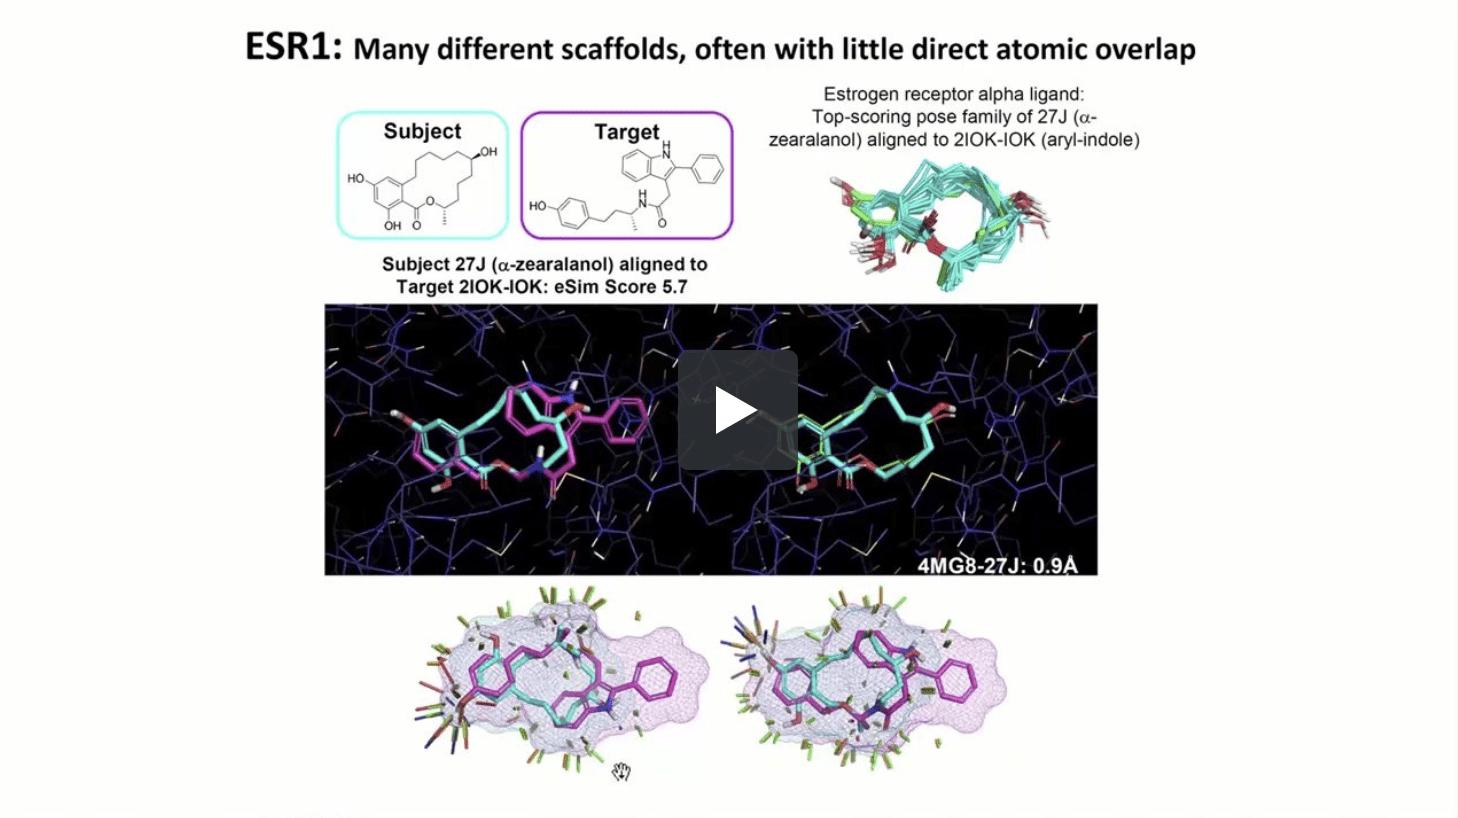 eSim-3D: Electrostatic-Field and Surface-Shape Similarity for Ligand-Based Drug Design